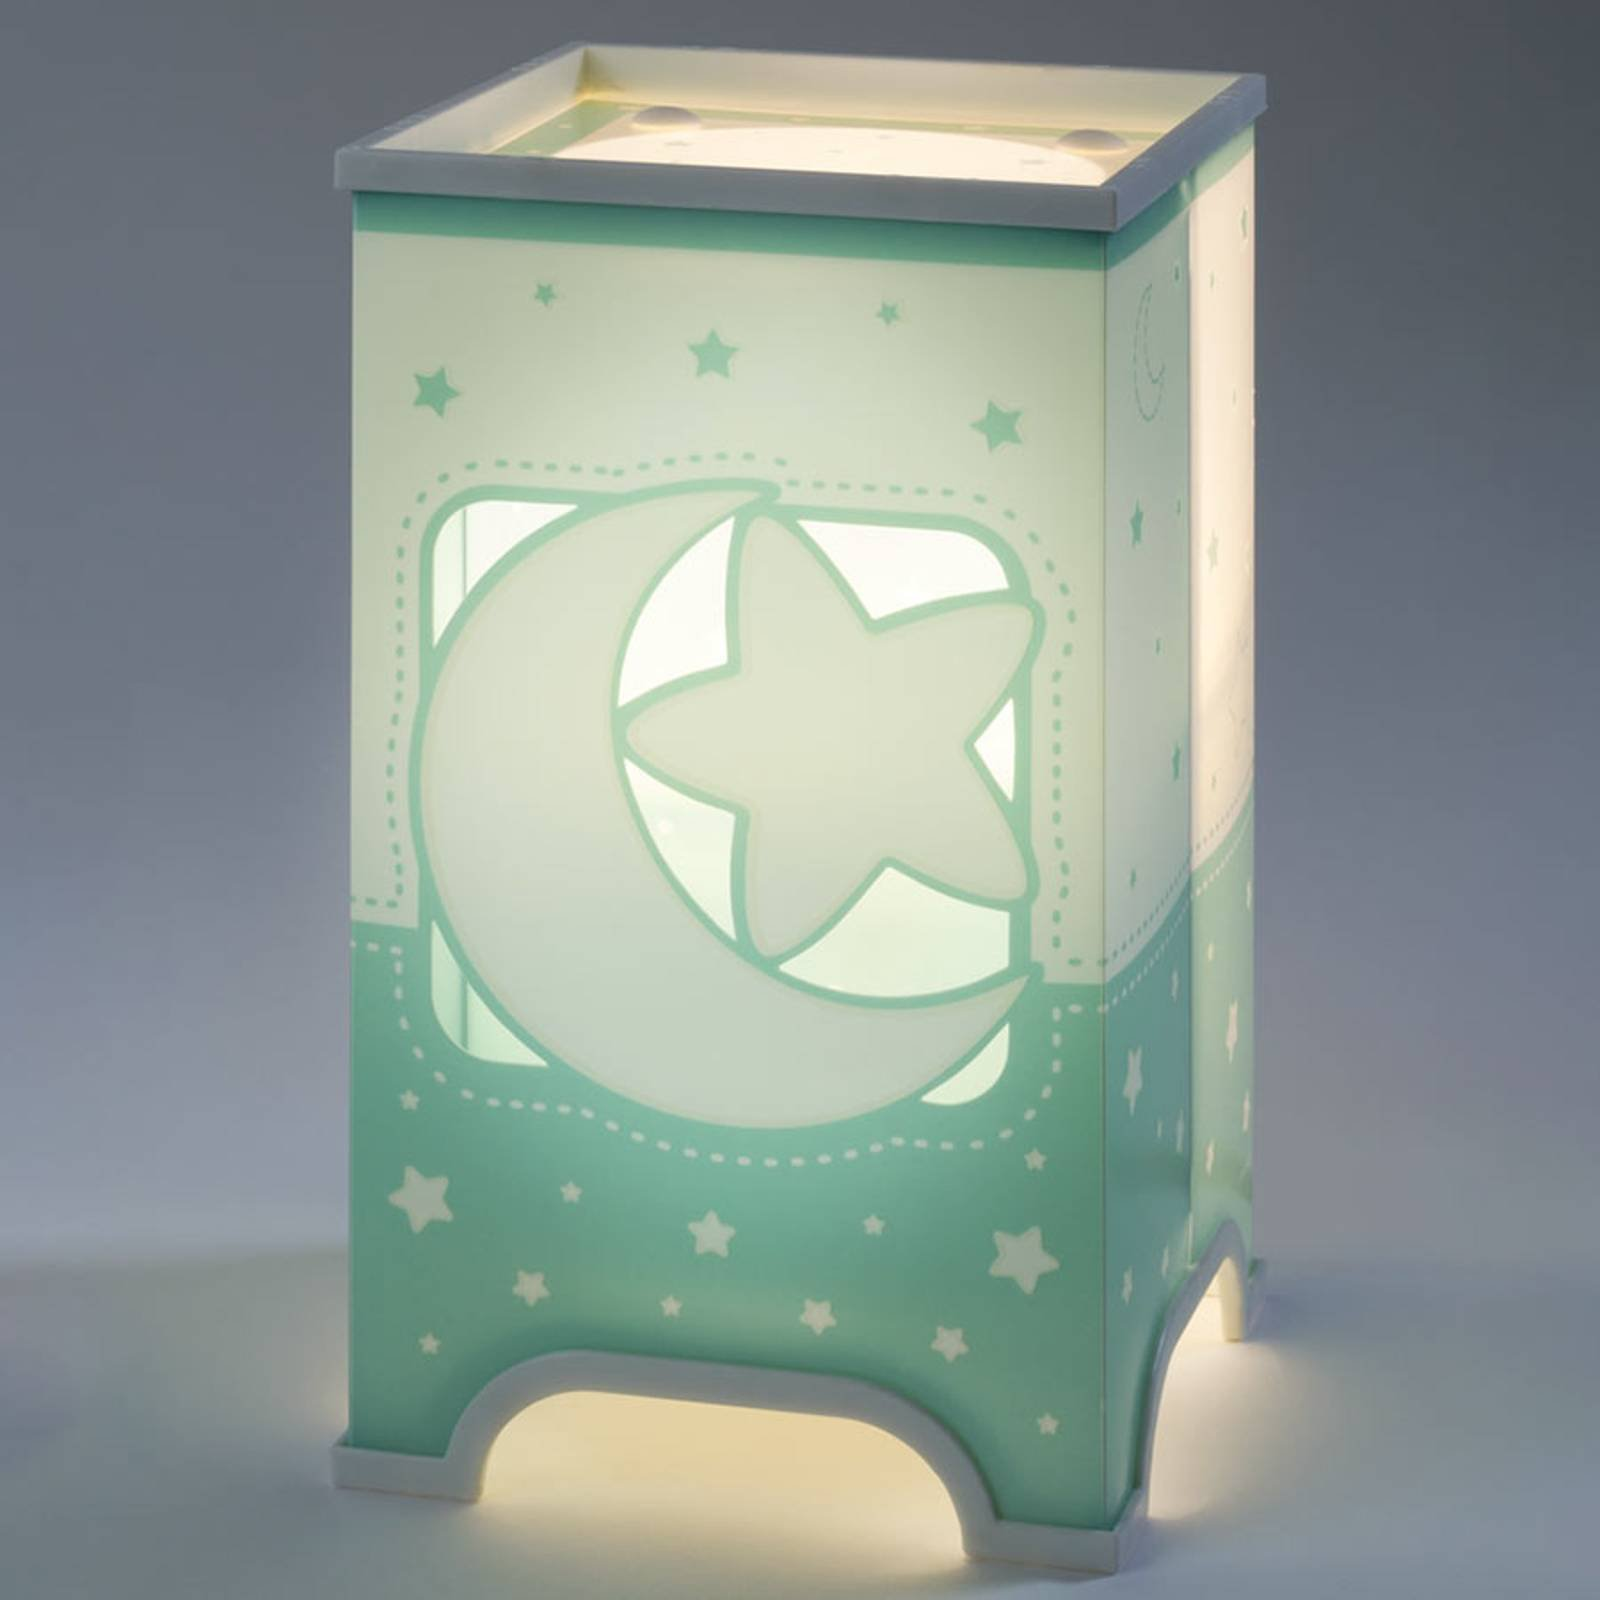 Myntegrønn LED-bordlampe Nachthimmel